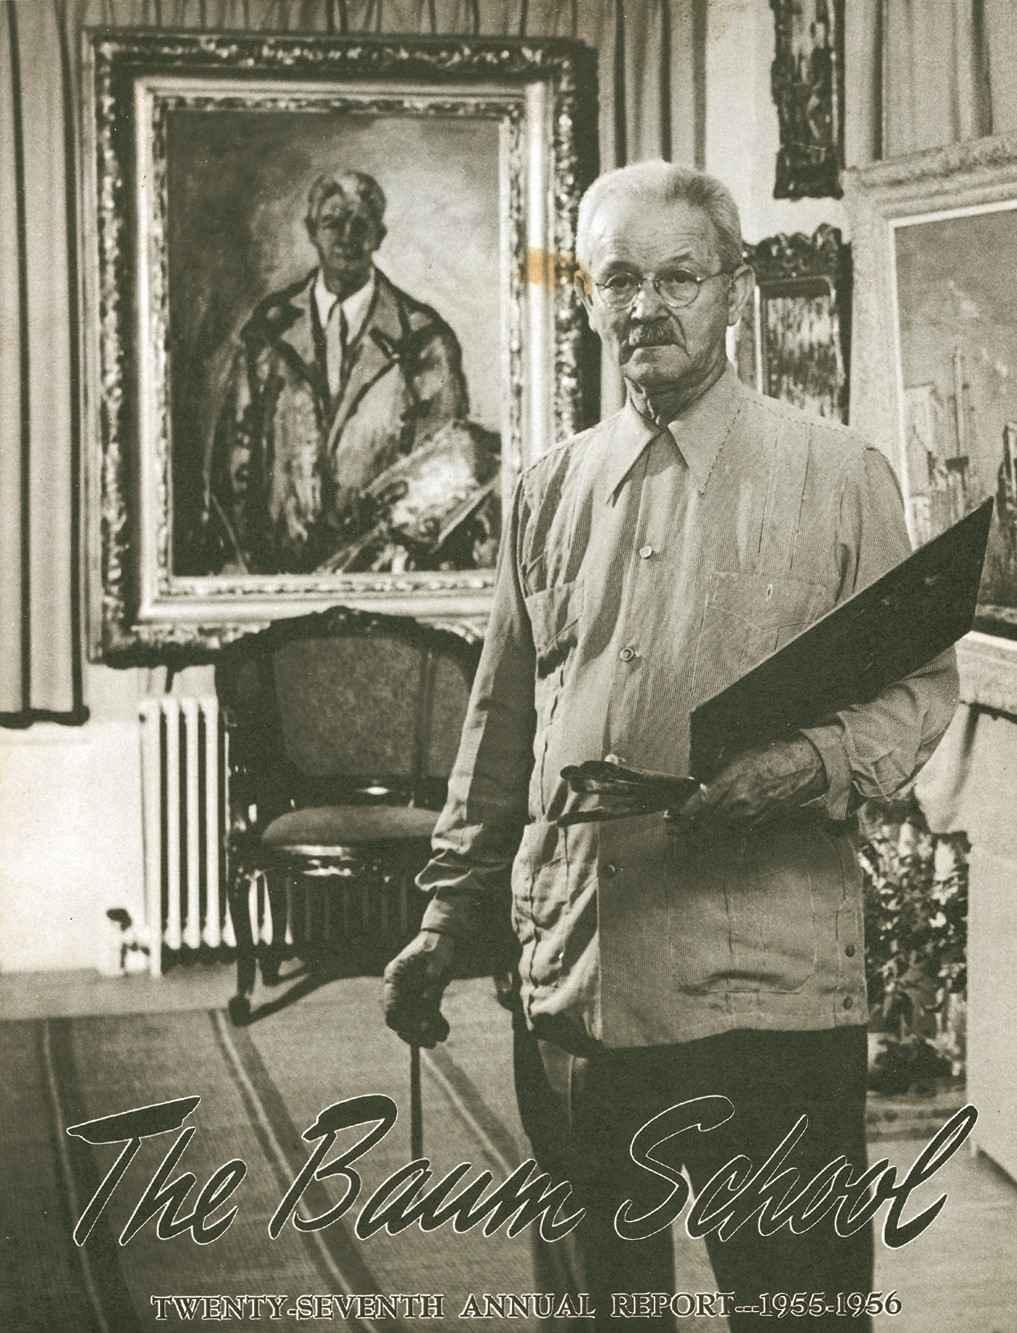 Walter Emerson Baum